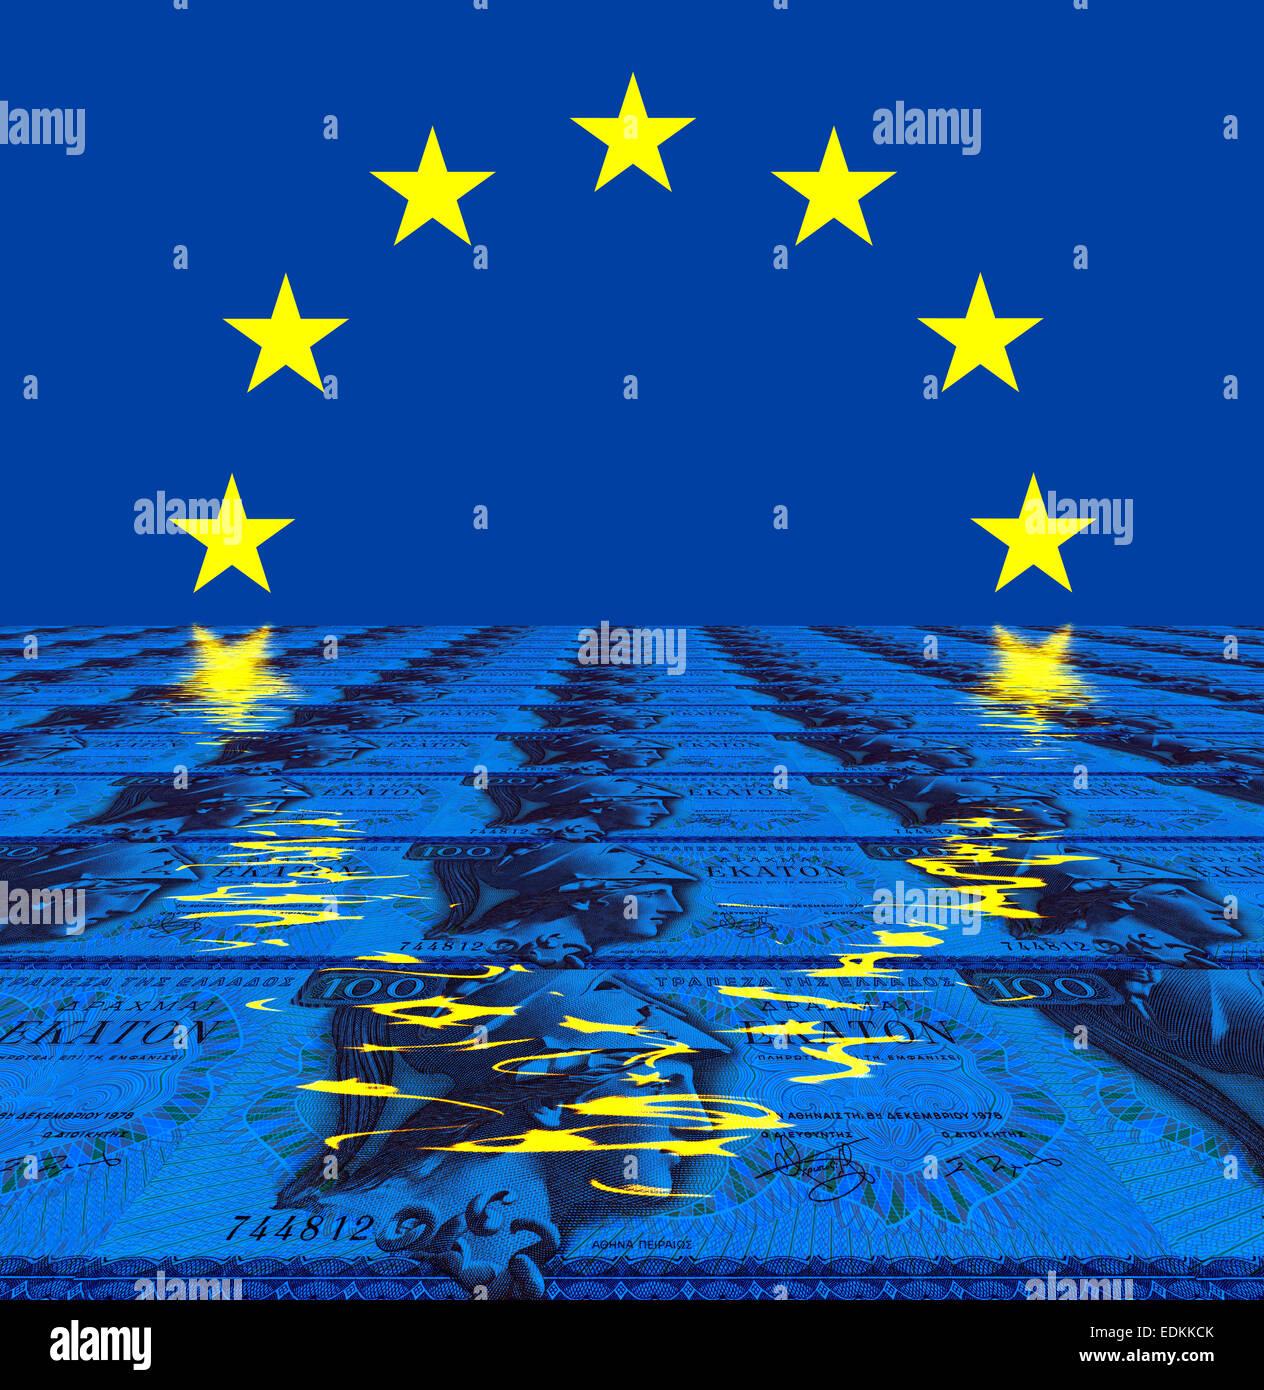 Desde Grecia, billetes de 100 dracmas desde 1978 con la UE de signo, imagen simbólica Foto de stock